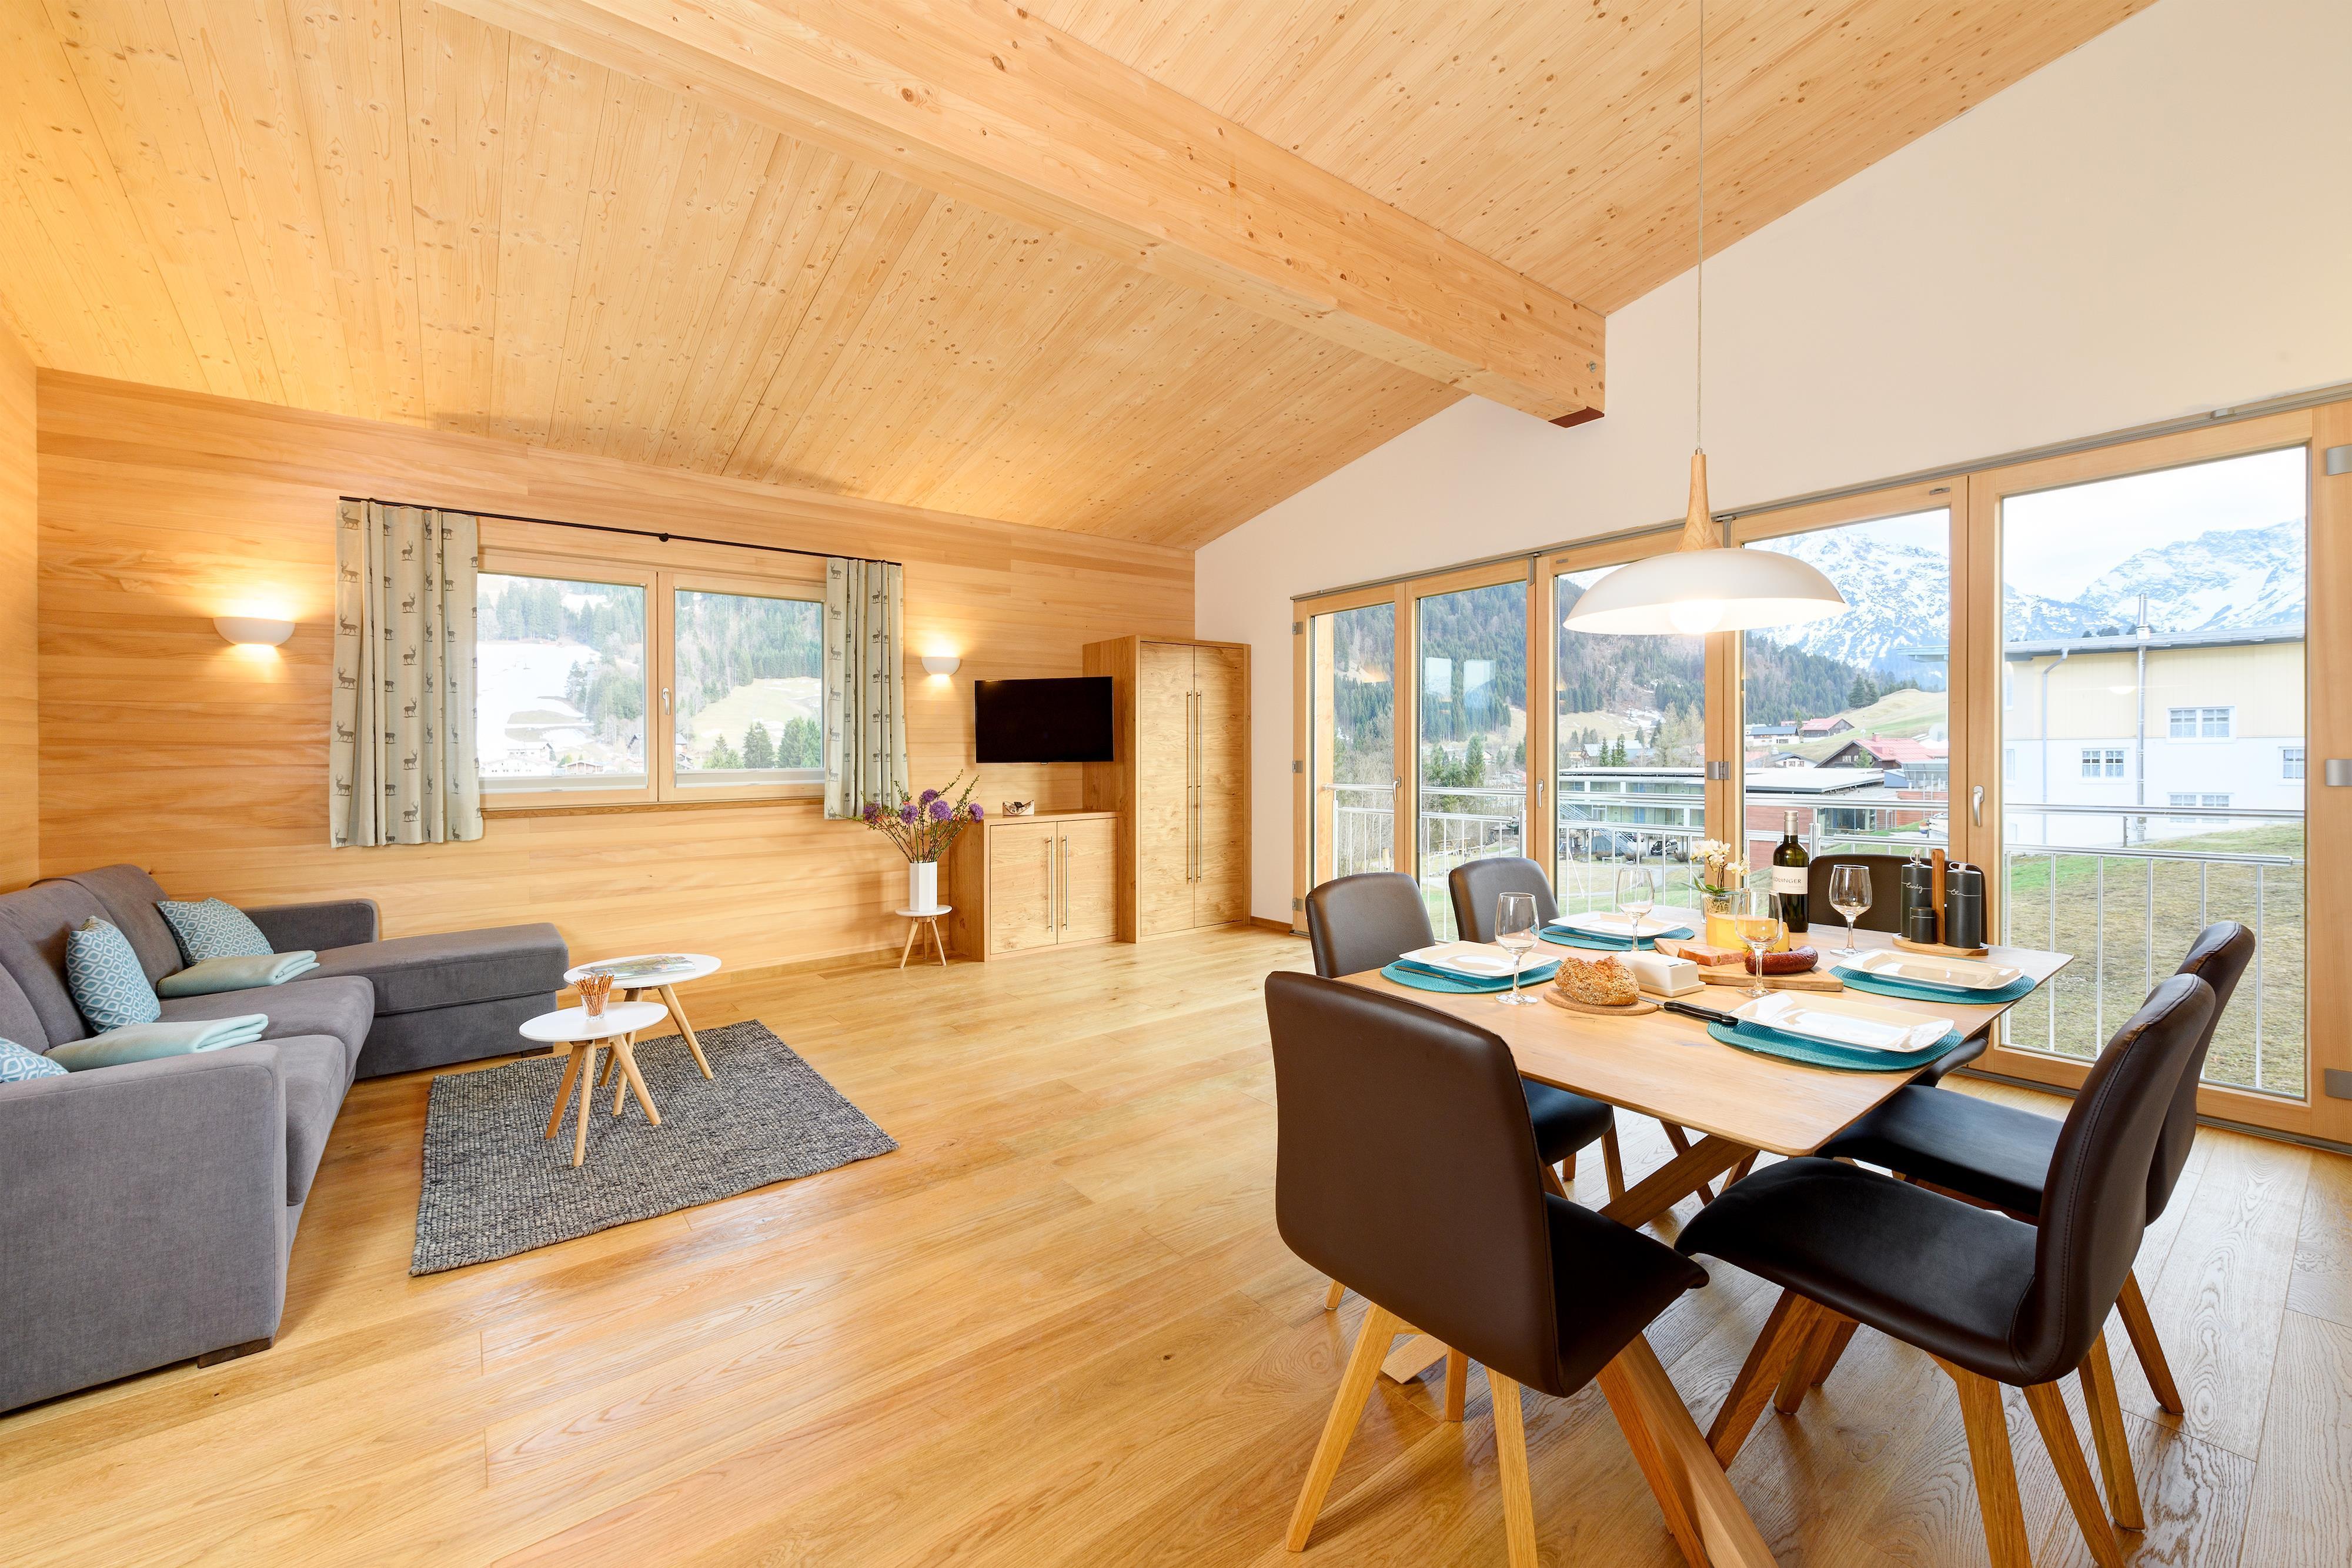 Appartement de vacances Gastler Chalet App./Fewo 1 Cristen , Dusche, WC, 2 Schlafräume (2186392), Riezlern (AT), Kleinwalsertal, Vorarlberg, Autriche, image 1